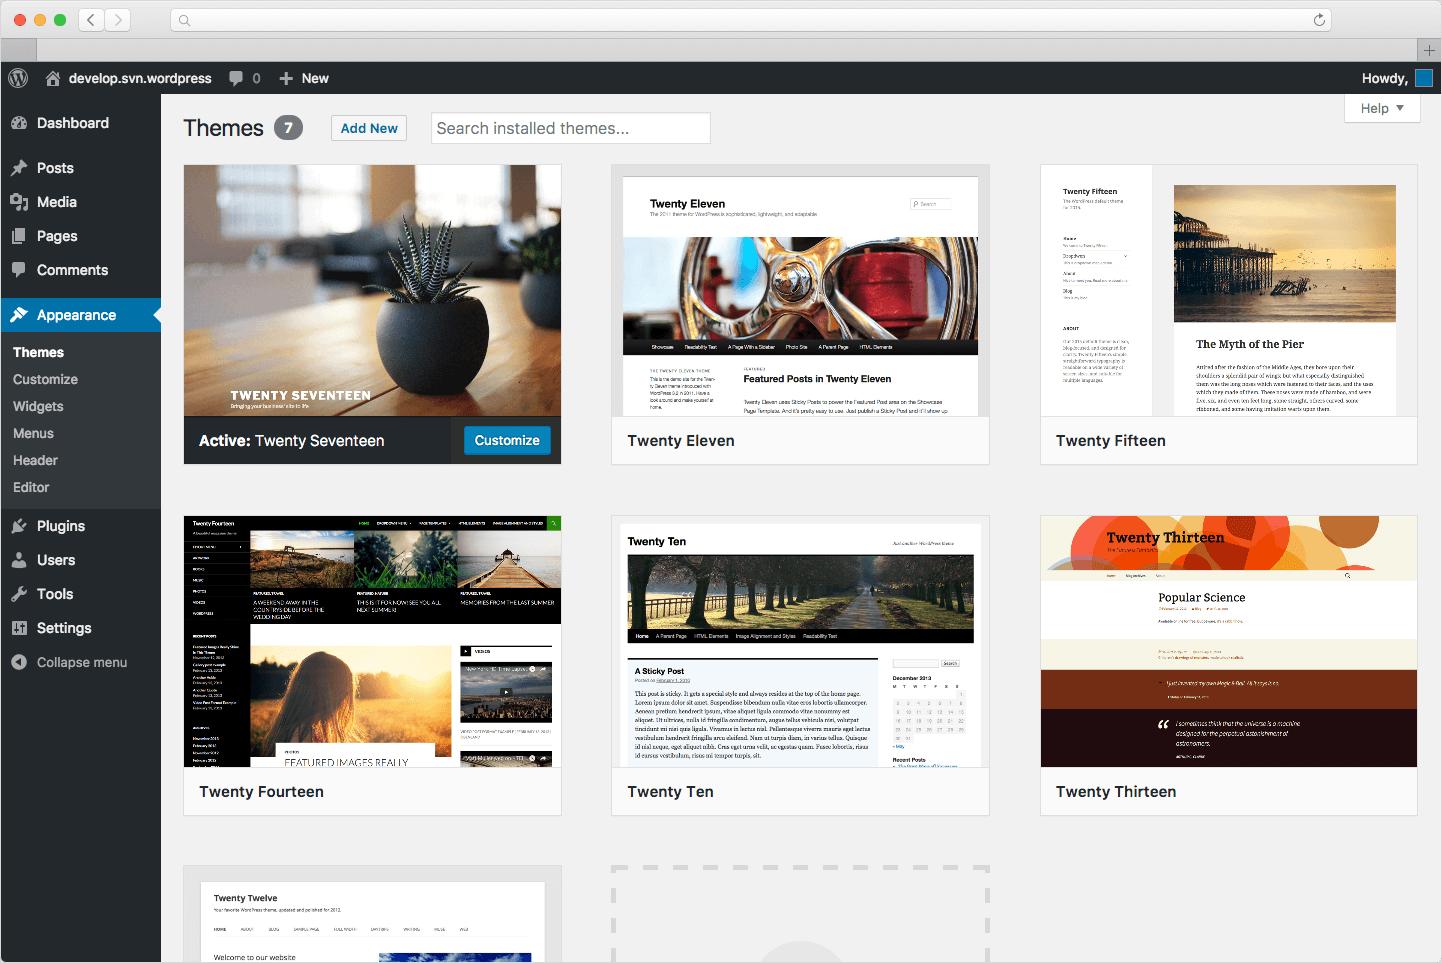 Các themes trên WordPress bao gồm cả mẫu tính phí và mẫu miễn phí